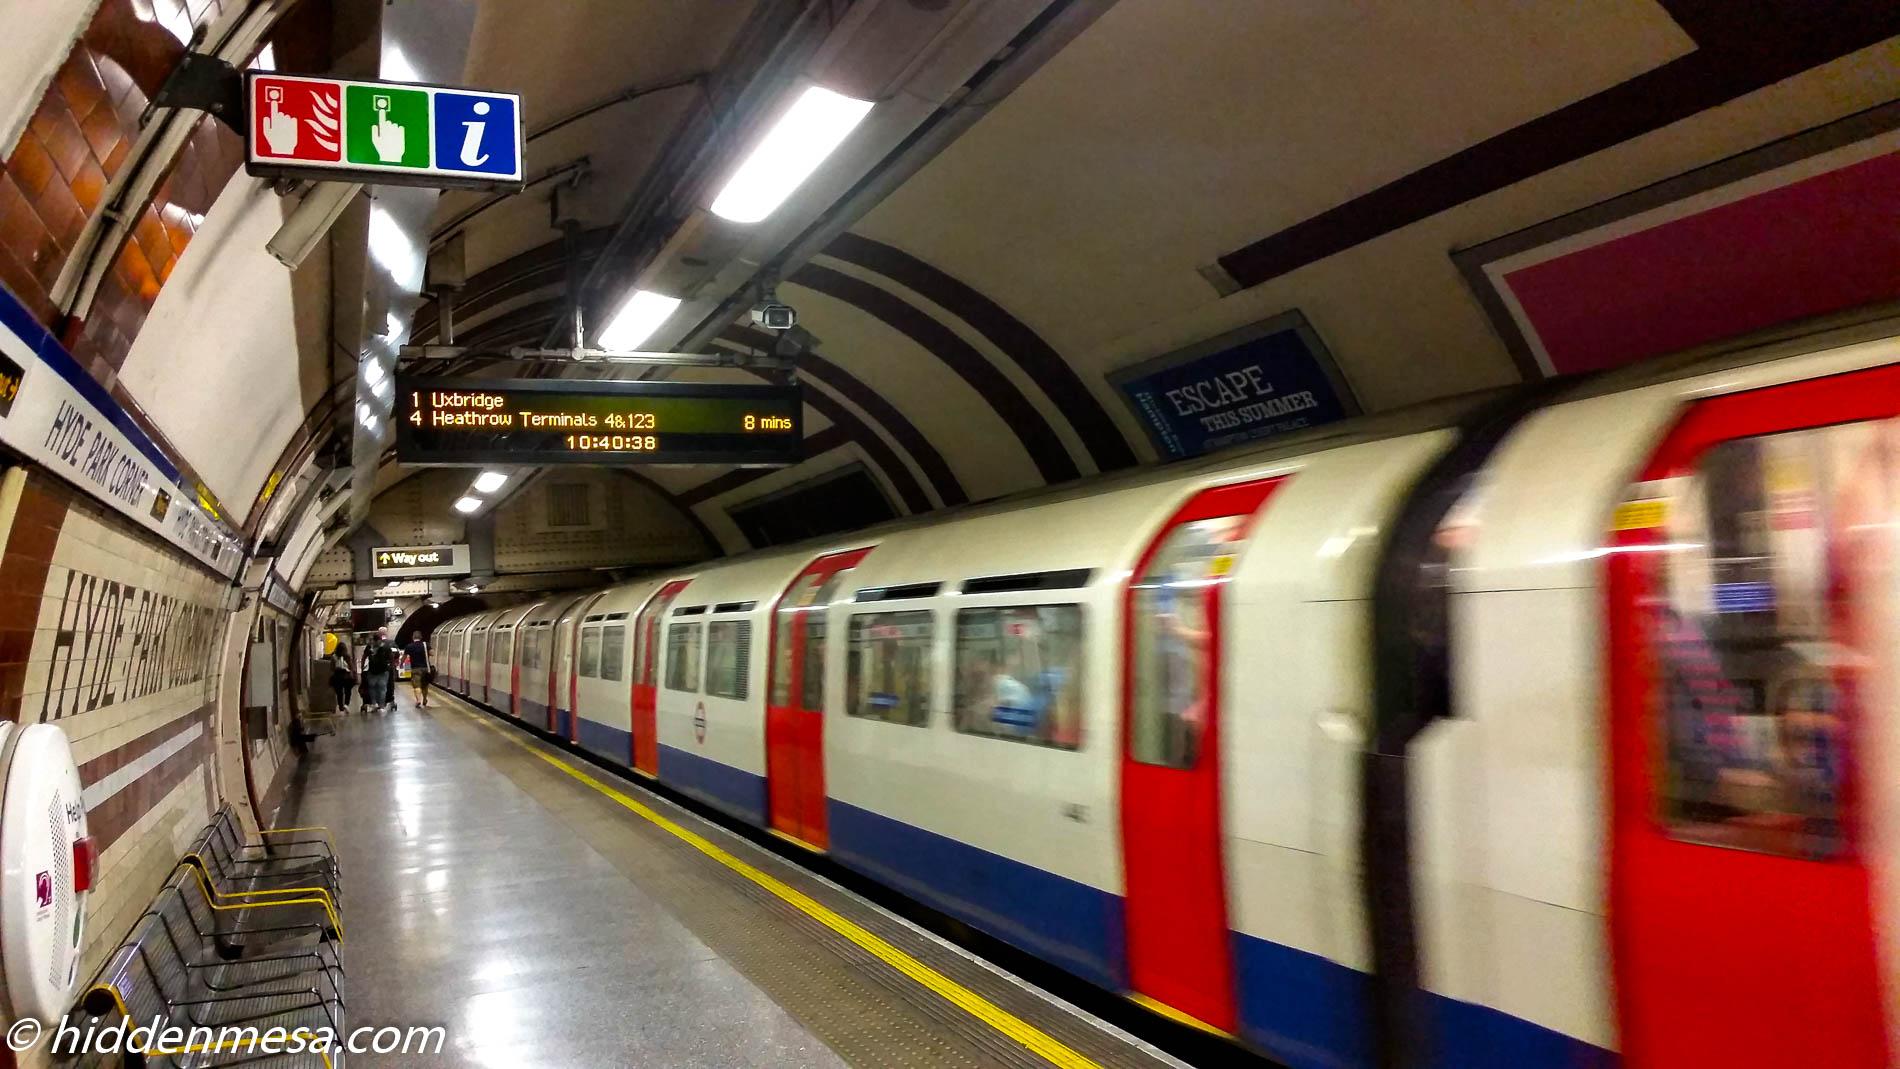 Underground Platform